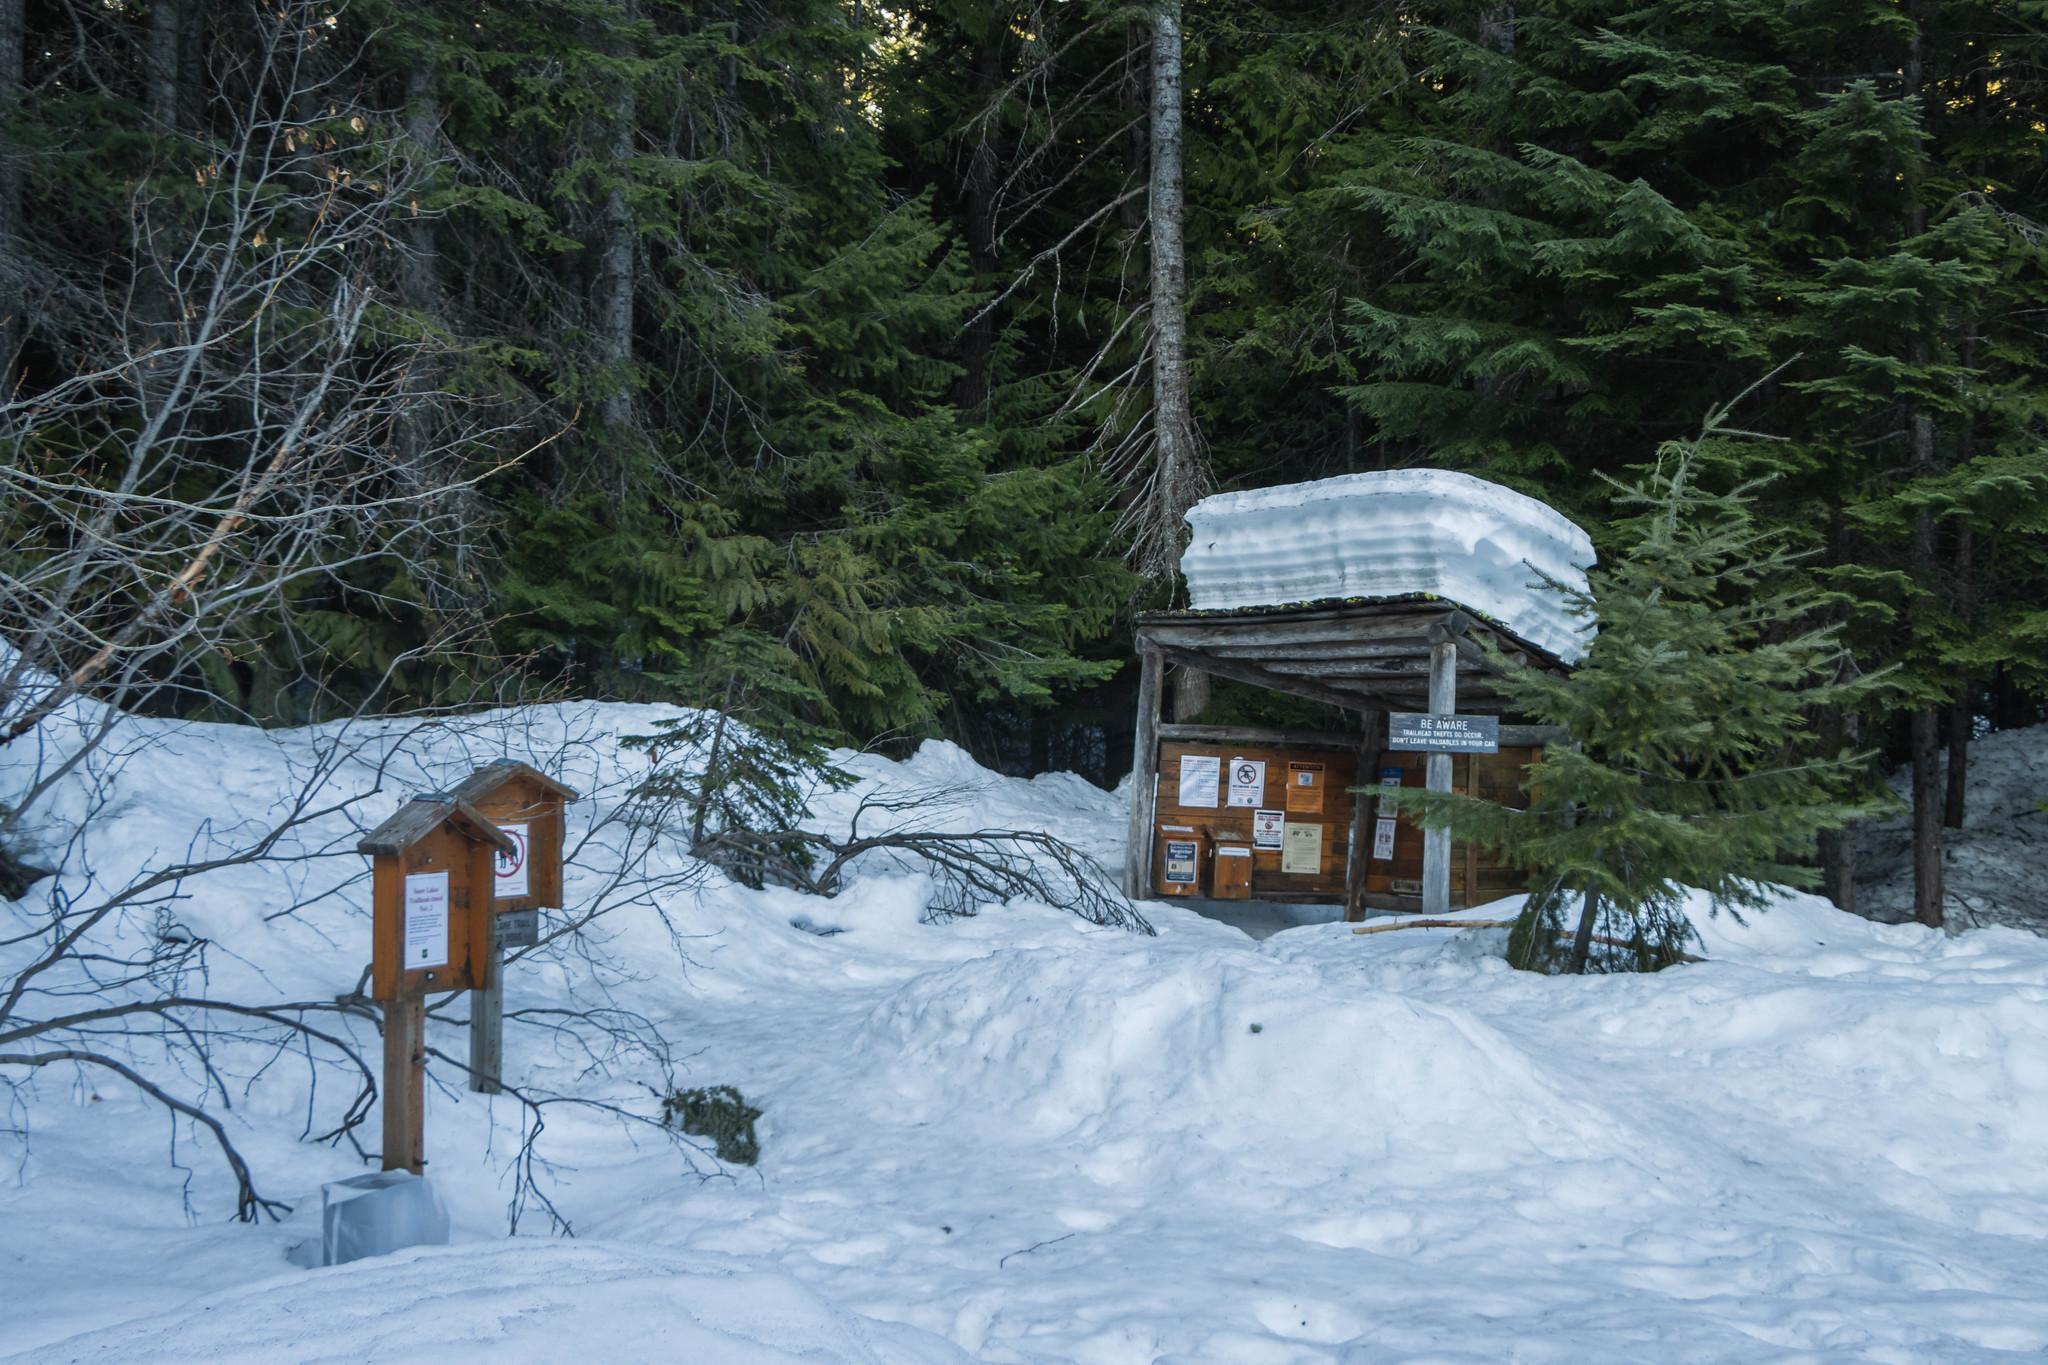 Stuart Lake Trailhead